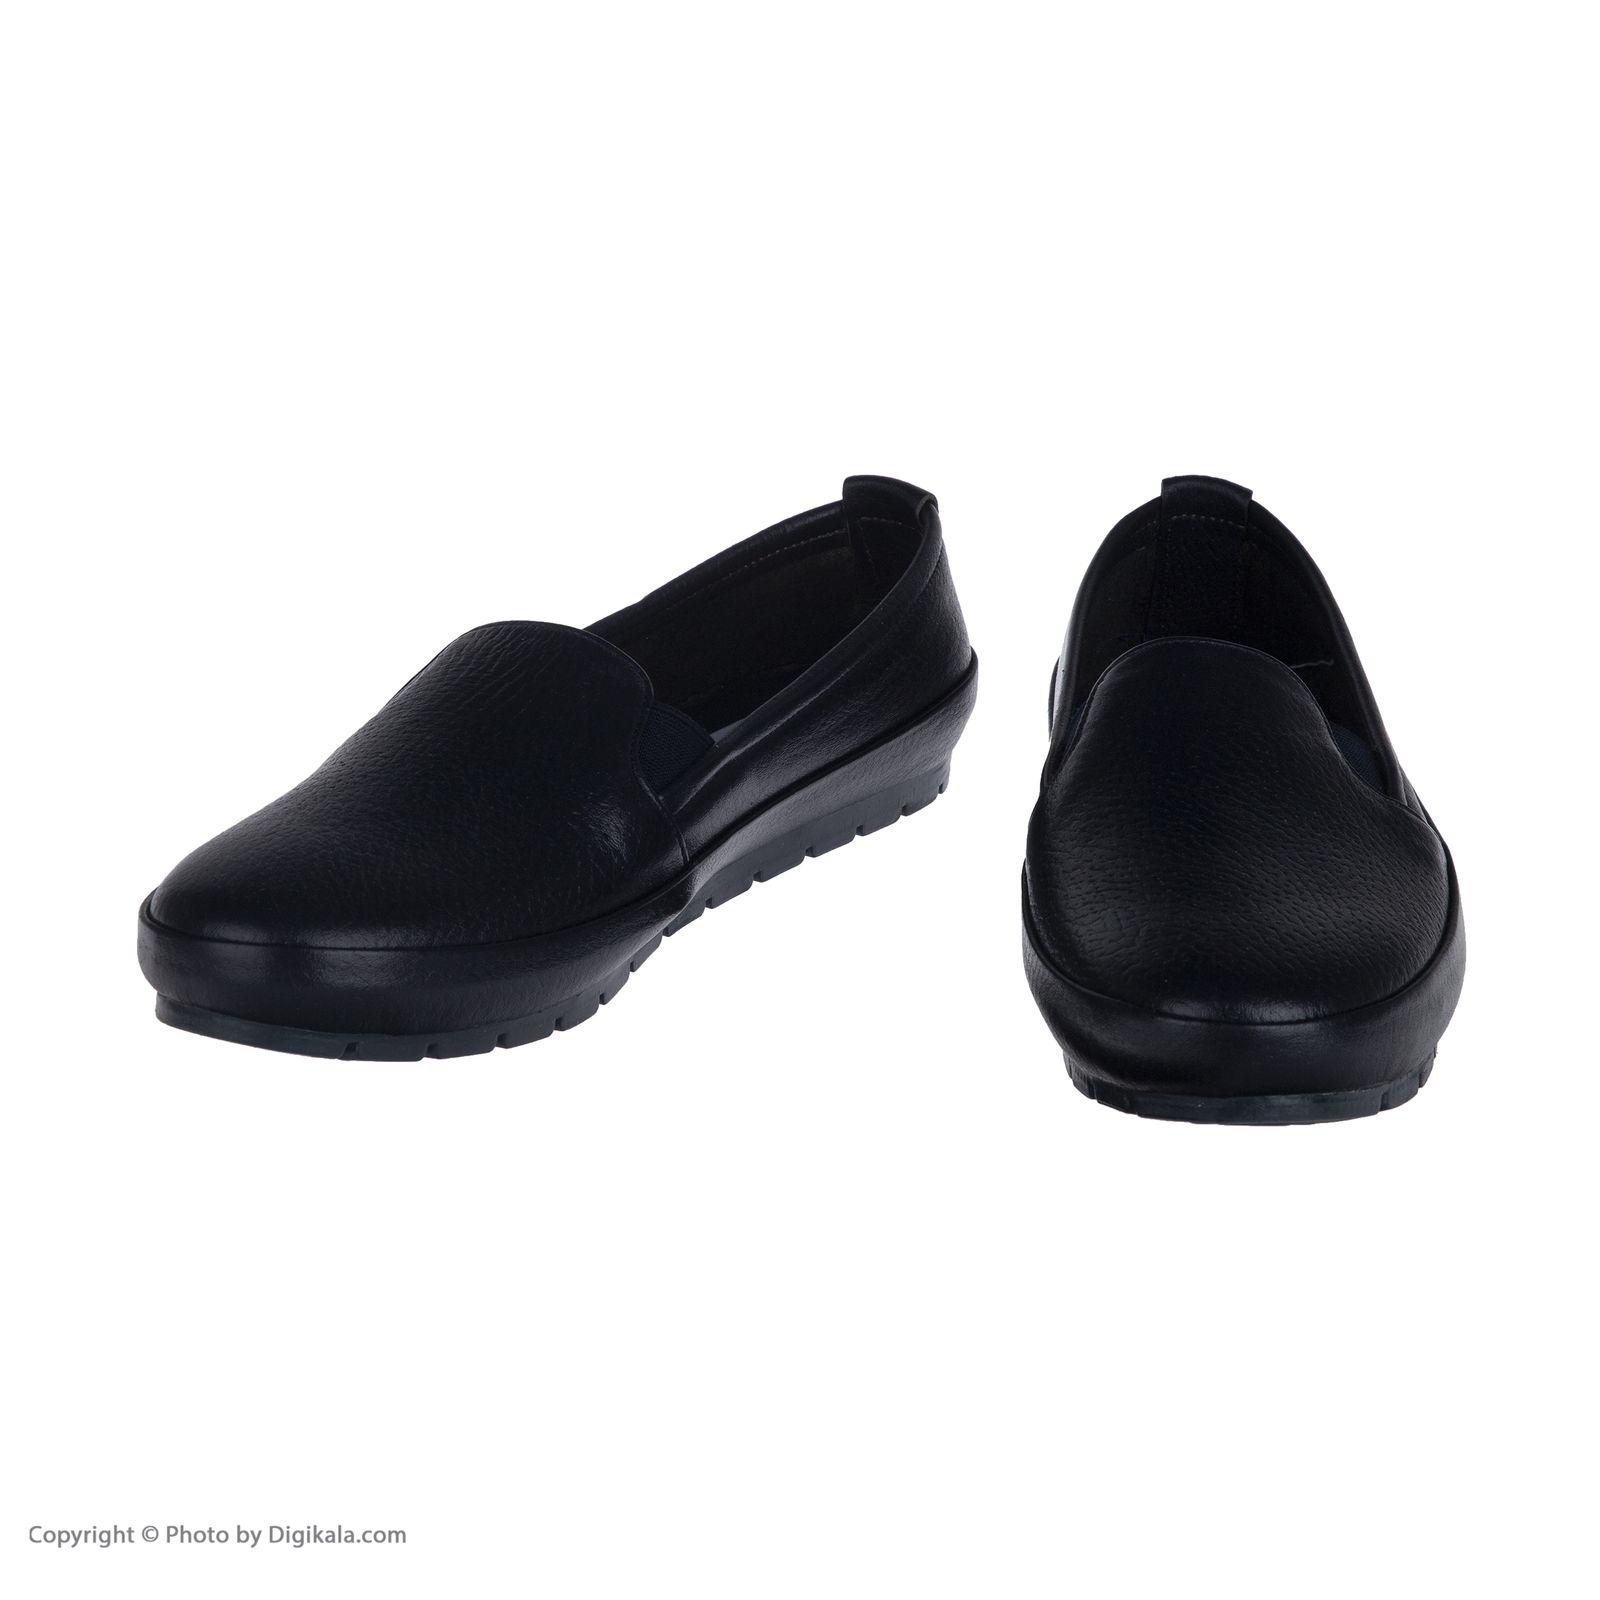 کفش روزمره زنانه بلوط مدل 5313A500103 -  - 5